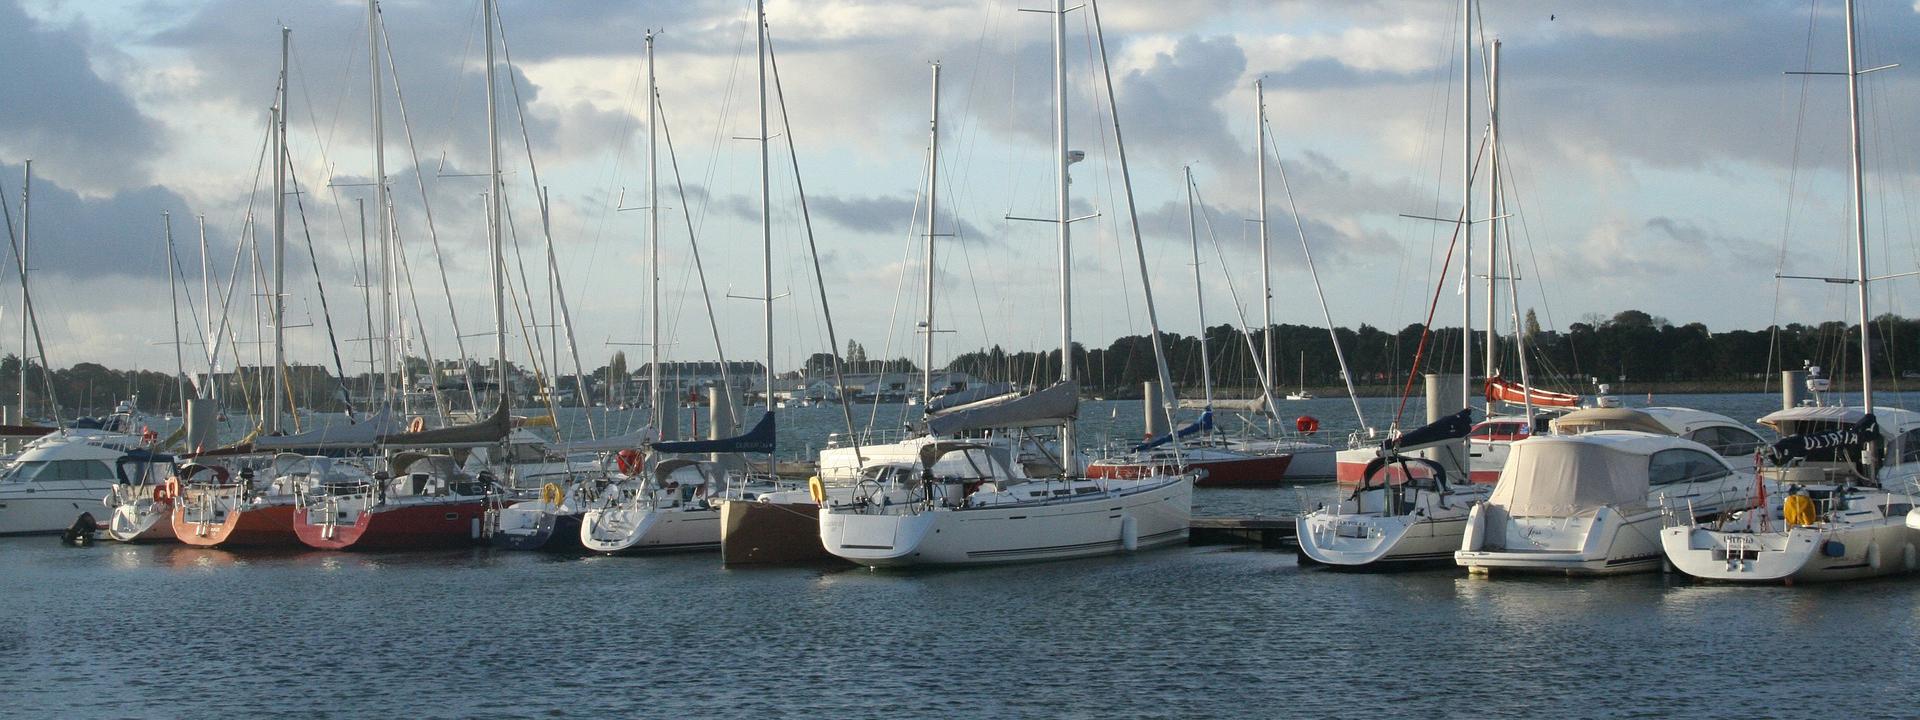 boats-5109595_1920 réduit